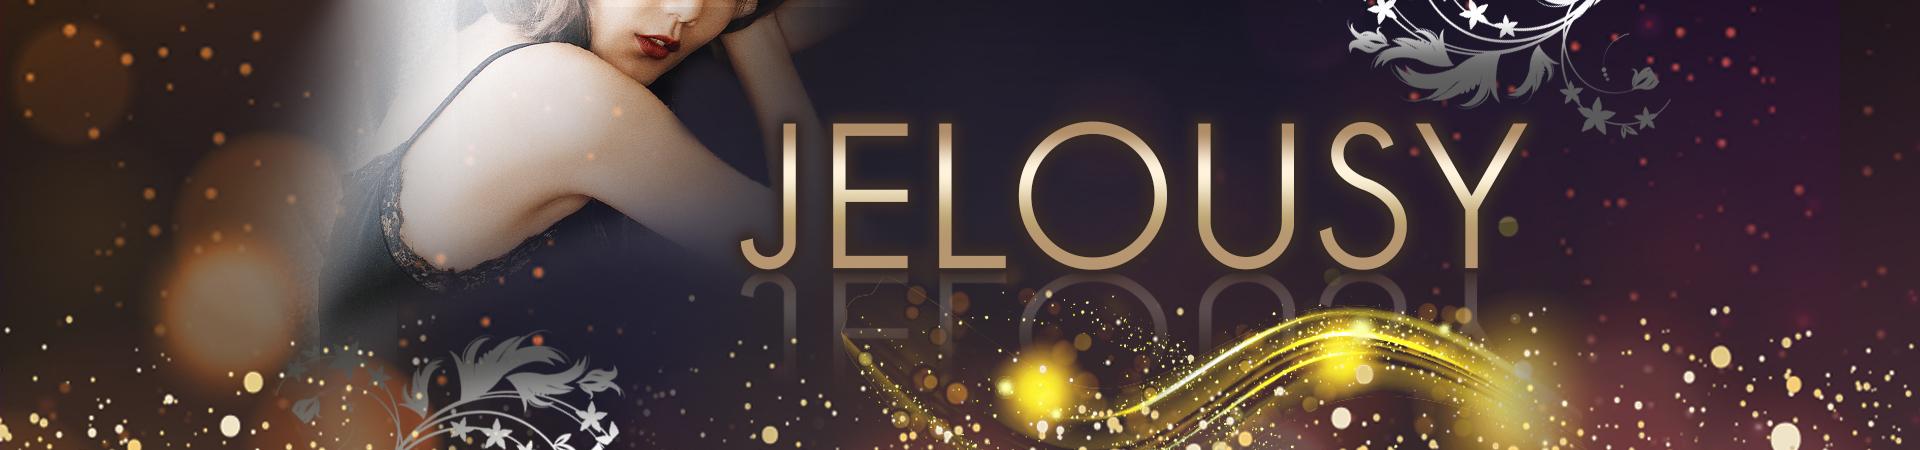 JELOUSY(ジェラシー)